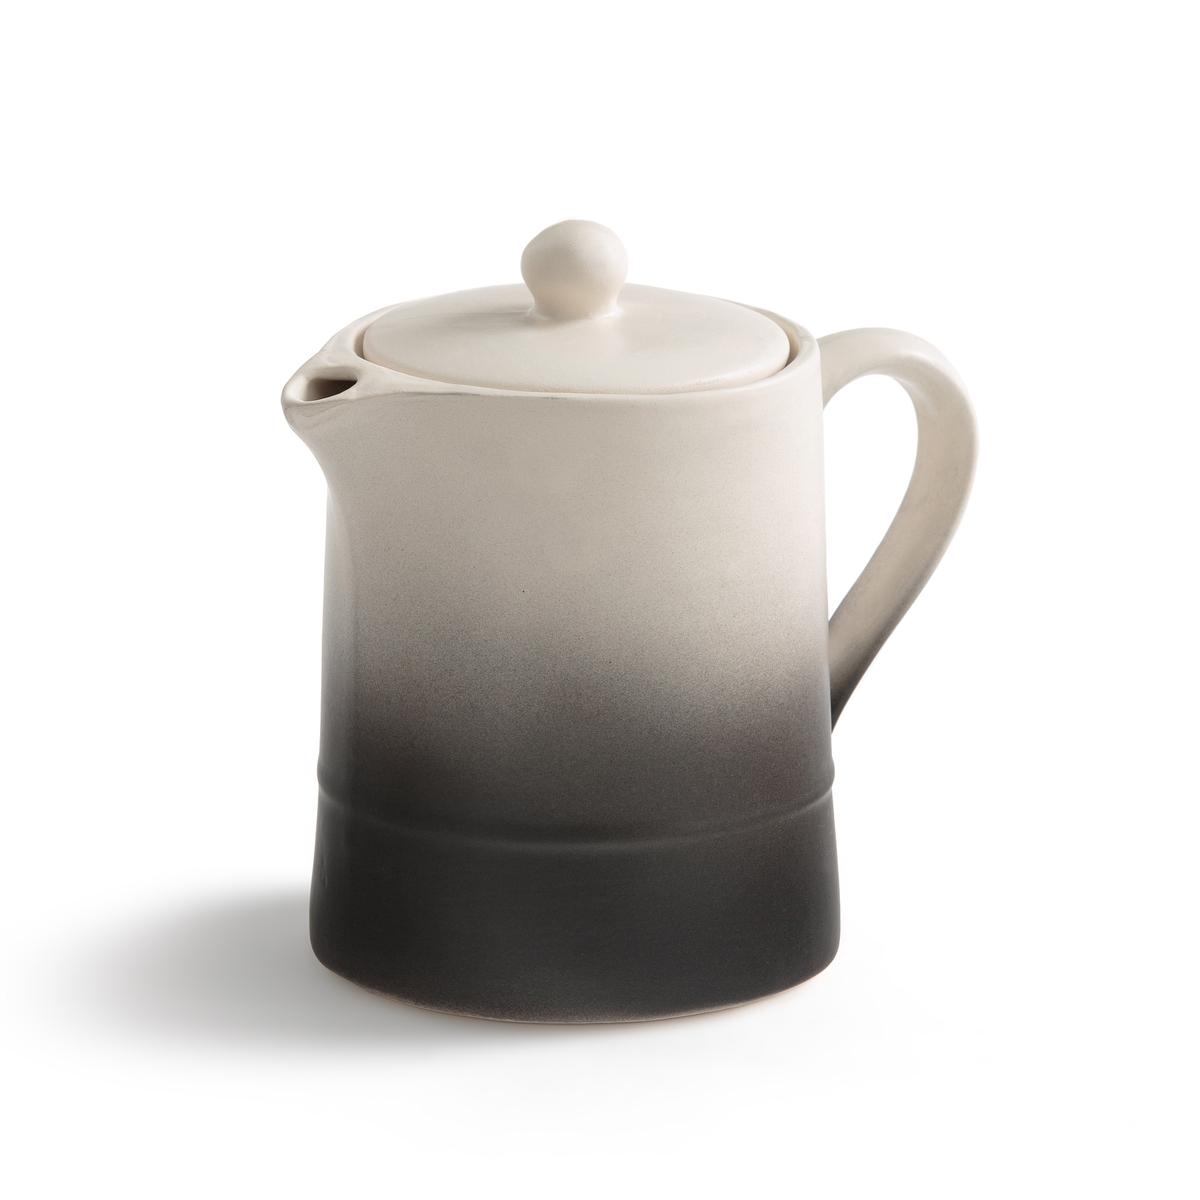 Чайник из фаянса Asaka, дизайн В. БарковскиLa Redoute<br>Чайник Asaka. Творение Валери Барковски эксклюзивно для AM .PM коллекция предметов для стола, созданная под вдохновением от ее путешествий в Индию или Марокко, с оригинальными рисунками и формами, из натуральных материалов и текстуры ткани без отделки.Аутентичность и неподвластность времени - его ключевые слова, его творения отлично подходят для создания качественных товаров, неподвластных моде, сочетающих простоту, оригинальность и ручное производство.Красивая форма в стиле итальянского кофейника и фаянс, покрытый глазурью, для оригинальной отделки: верх с гладкой поверхностью белого цвета и низ с необработанной и слегка шероховатой поверхностью черного цвета. Характеристики : - Из фаянса, покрытого глазурью- Подходит для посудомоечной машины. - Объем 1 л.Размеры : - ?12 x В.16 см<br><br>Цвет: черный/ белый